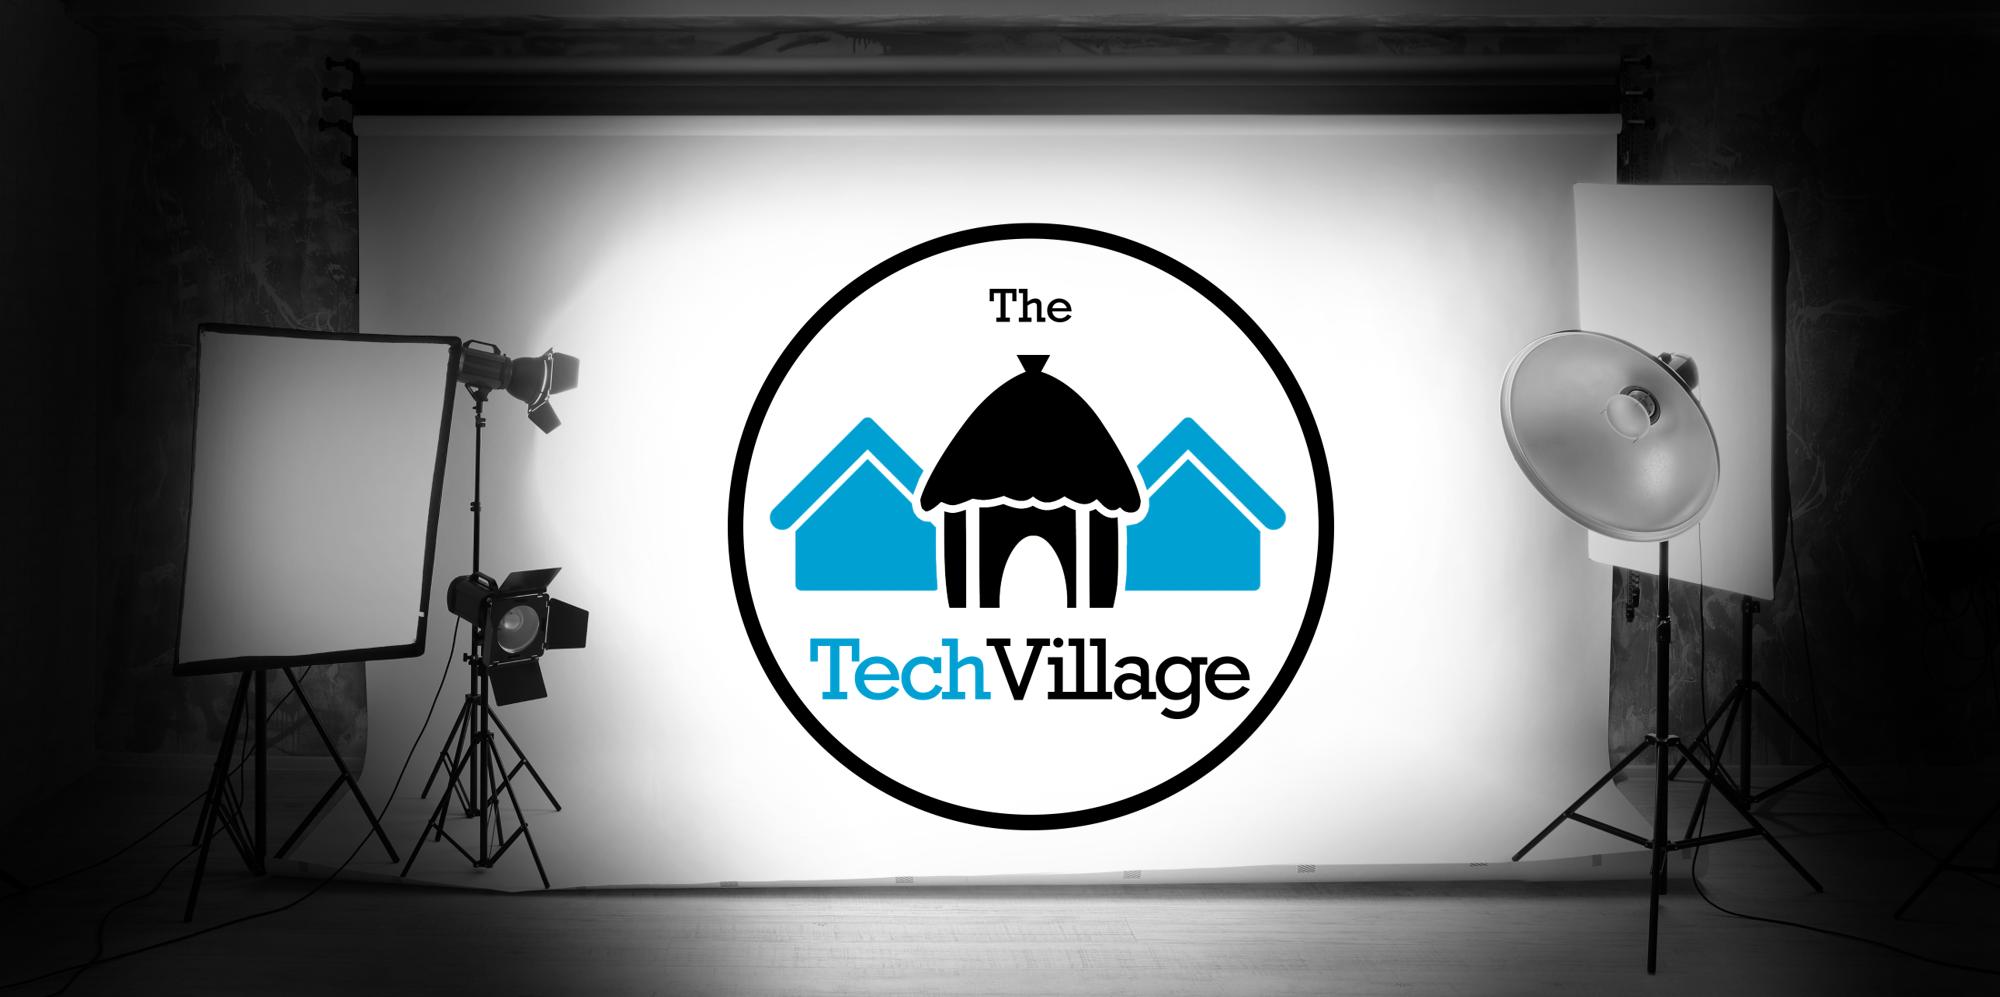 The TechVillage Takunda Chingonzo